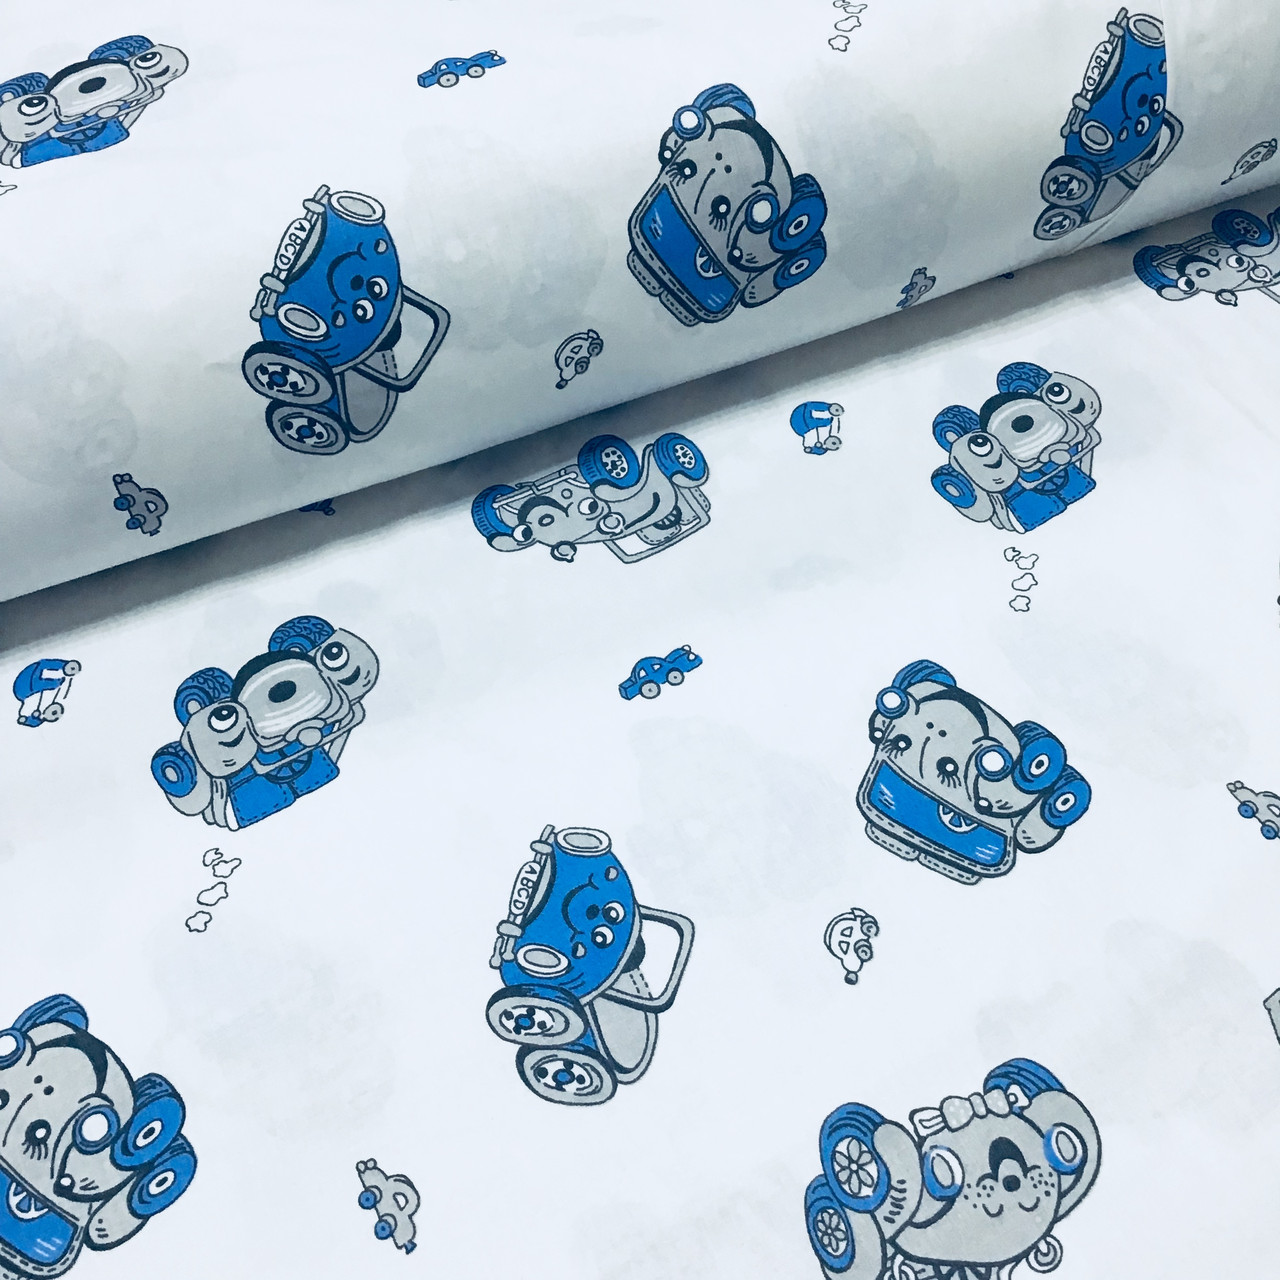 Ткань польская хлопковая Люкс, машинки сине-серые на белом